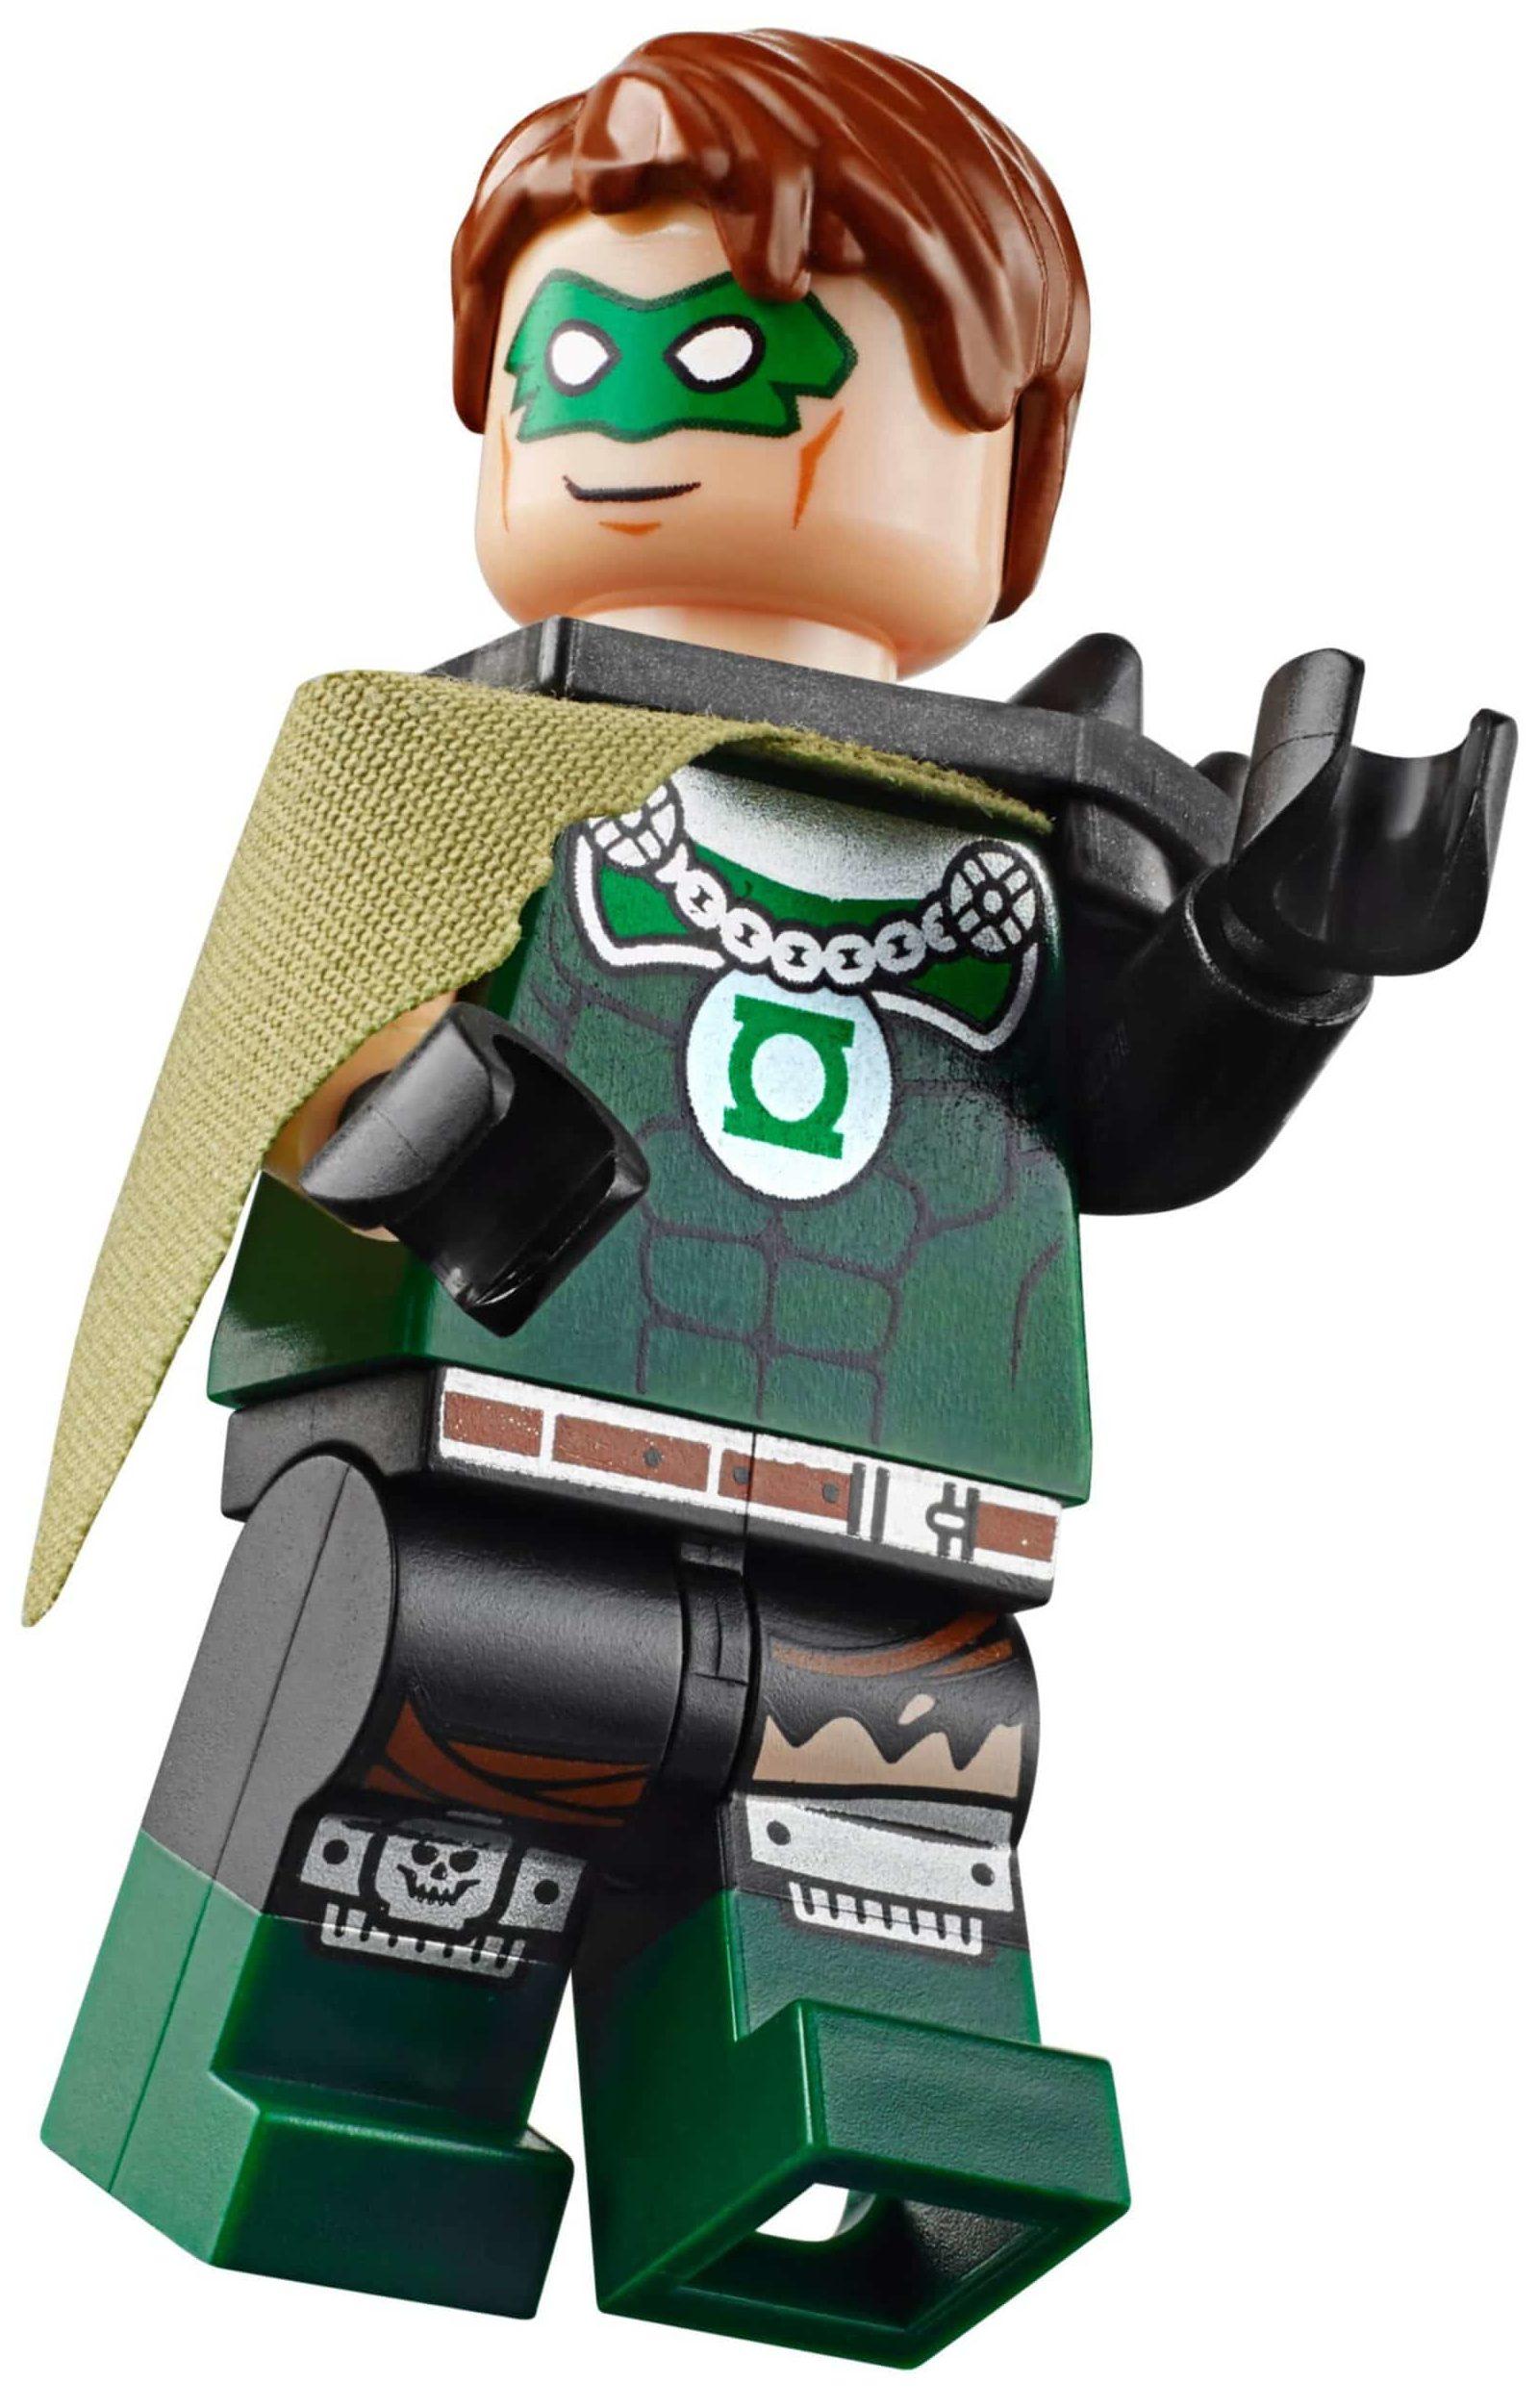 LEGO 70840 Apocalypseburg: Green Lantern